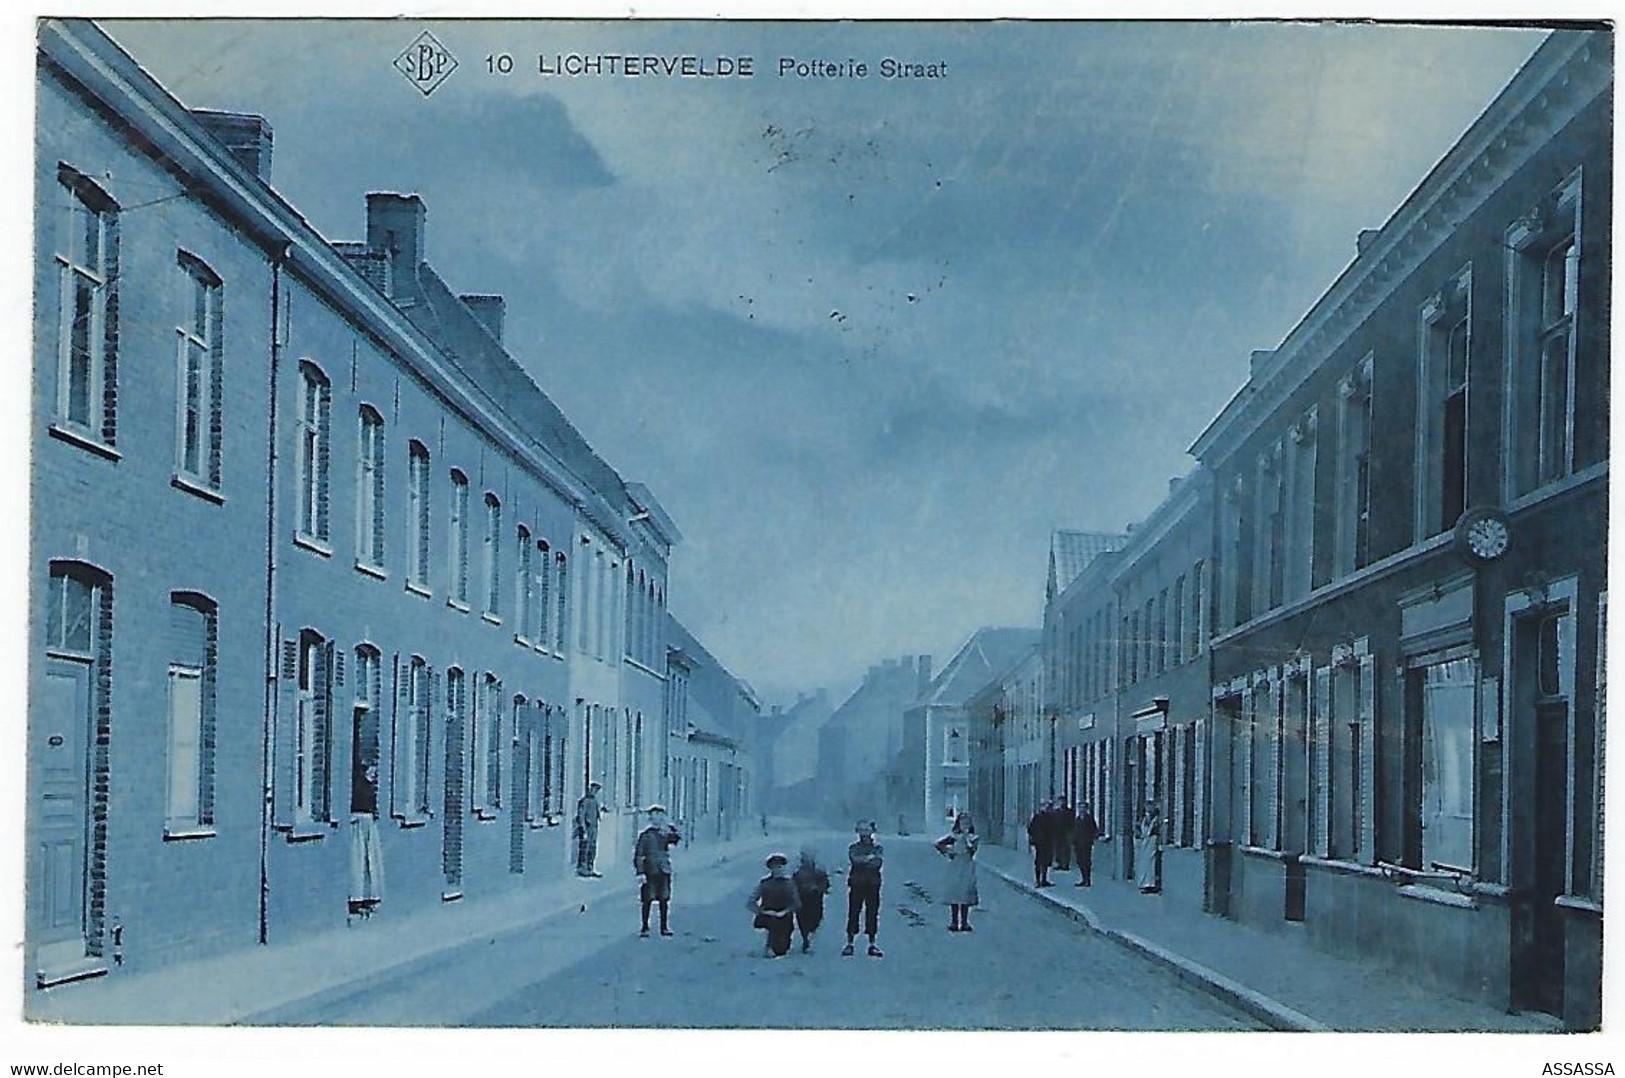 BELGIQUE - TRES TRES RARE - LICHTERVELDE - Potterie Straat - 1914 - Jamais Vendue Sur Delcampe - Lichtervelde